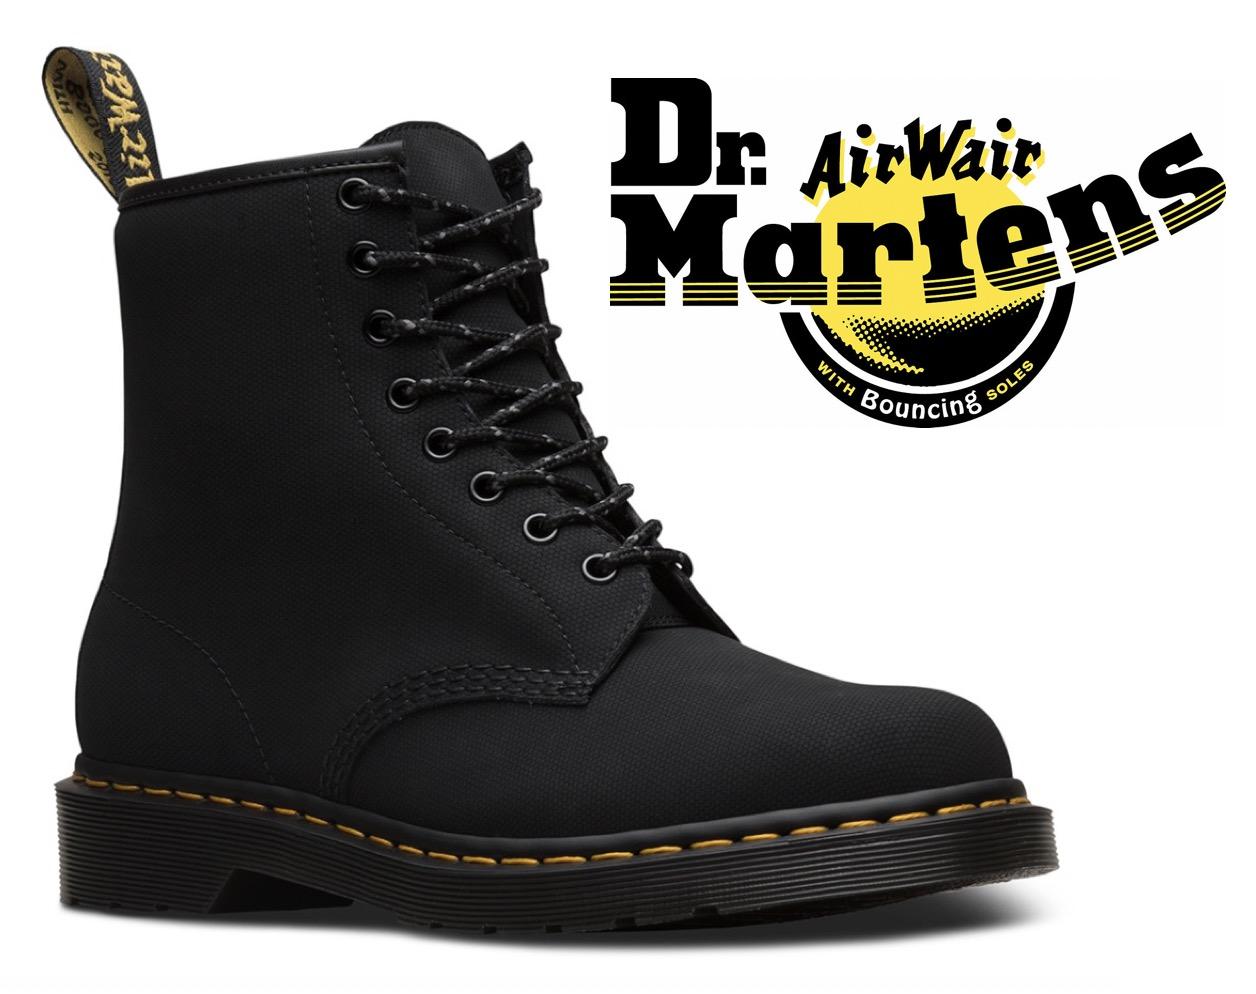 Code promo Dr Martens : 30% de remise sur une sélection de modèles pendant les promotions de mi-saison